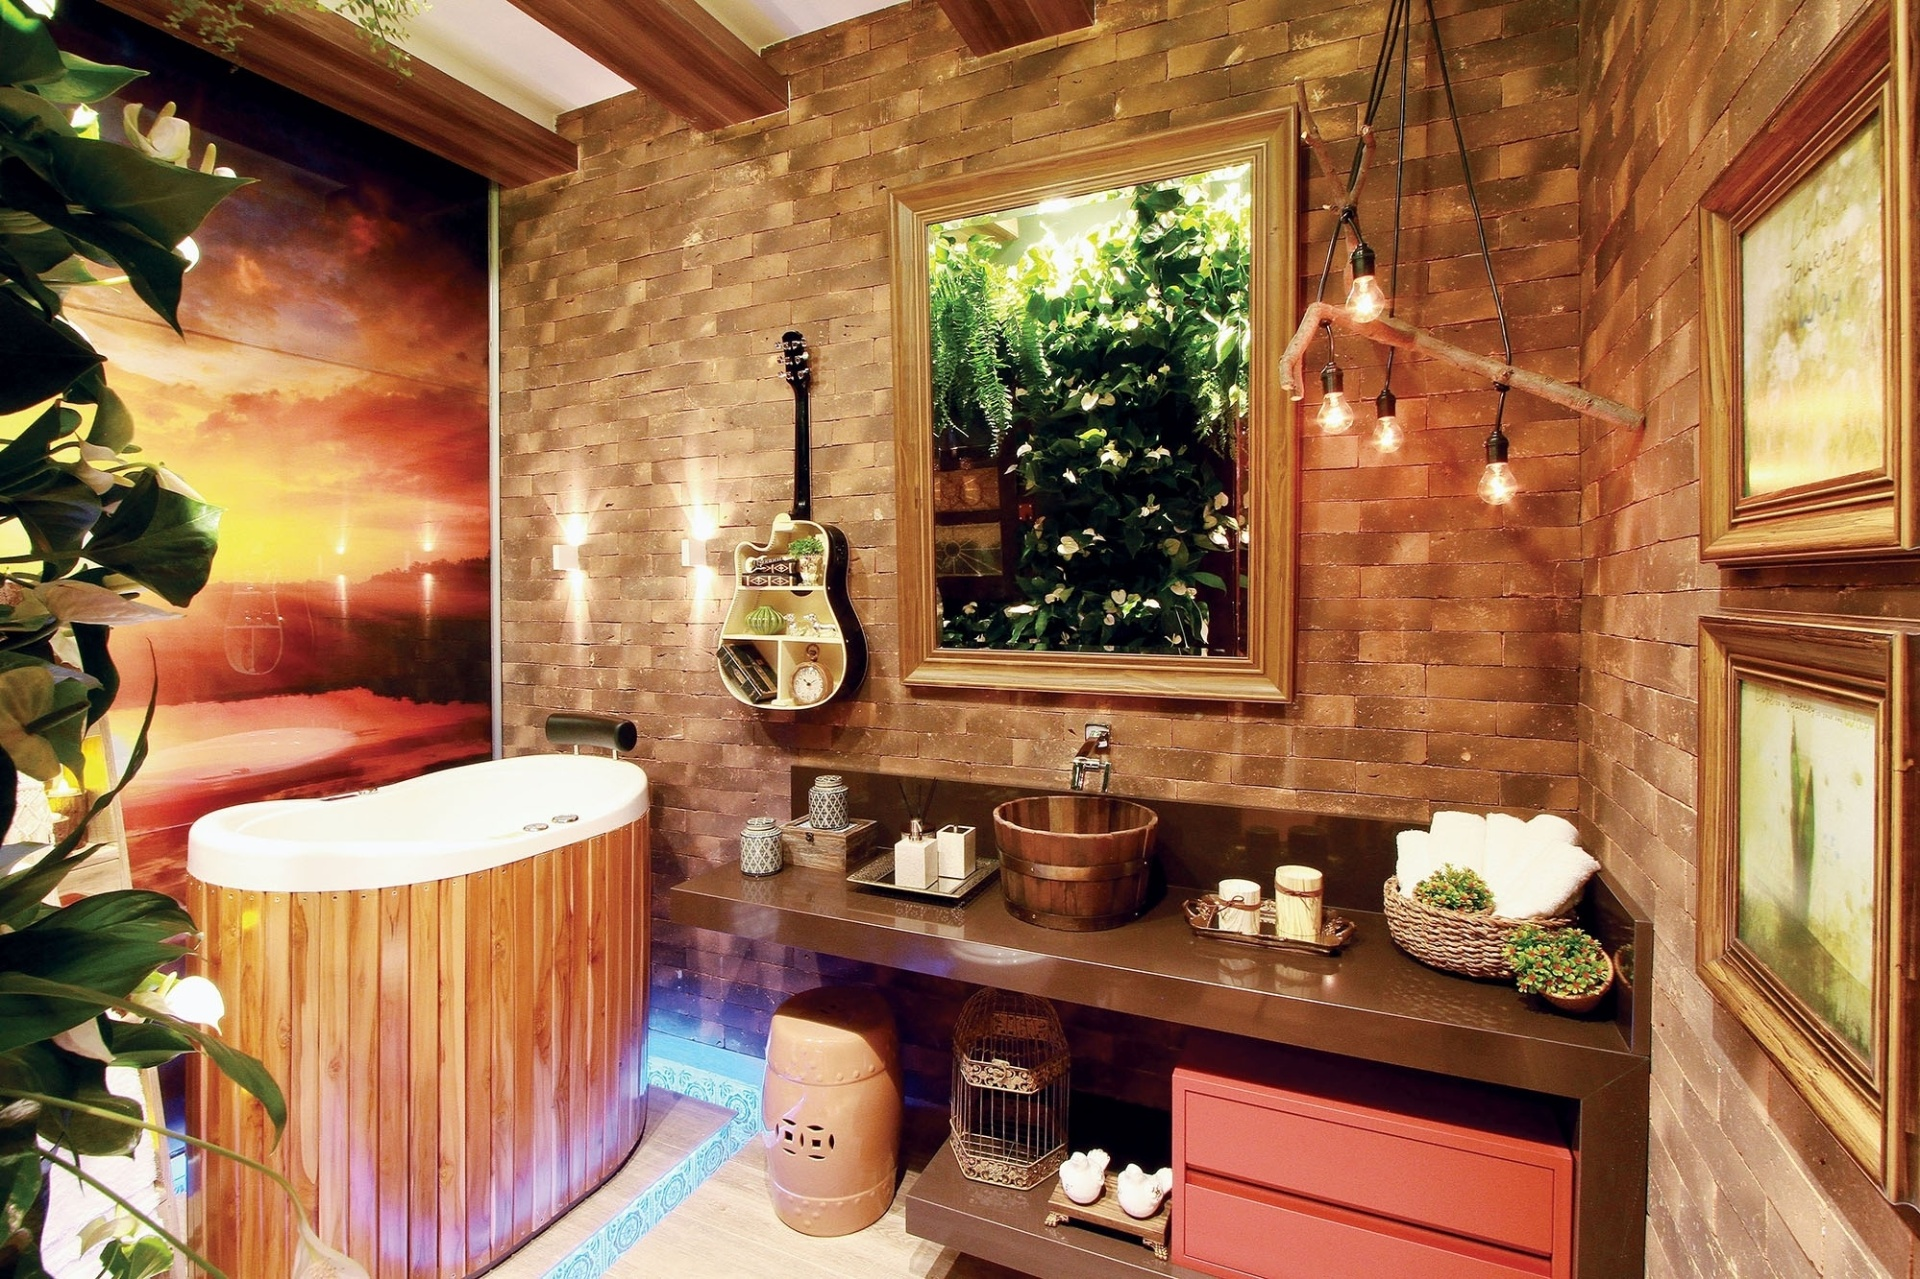 Banheiros pequenos: dicas de decoração para quem tem pouco espaço  #A53D26 1920 1279